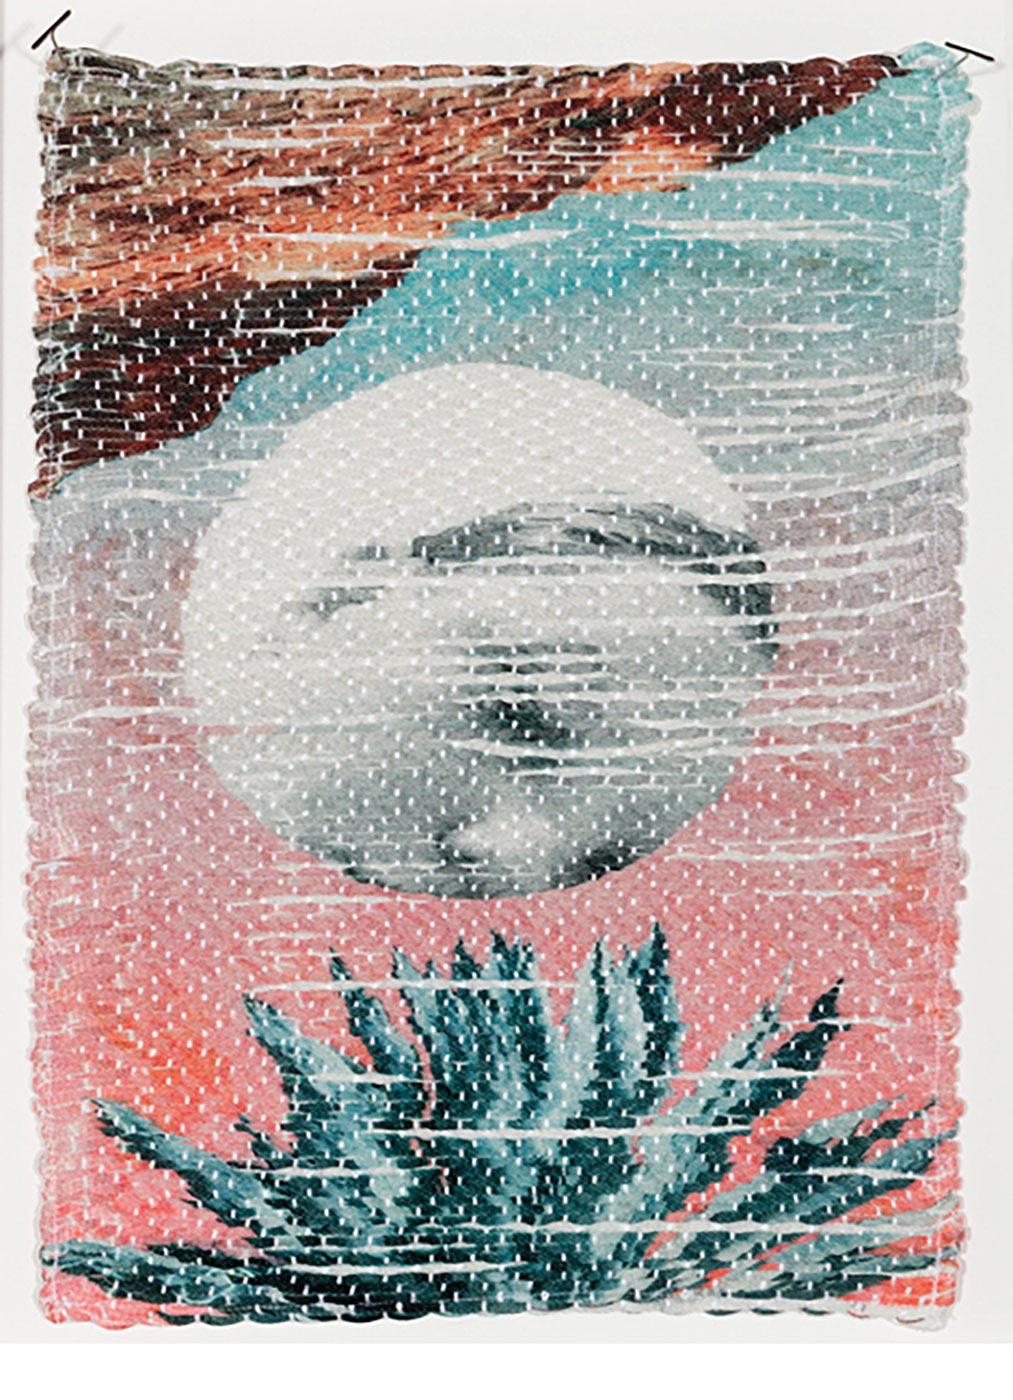 Sarah C. Morris - Desert Illusion